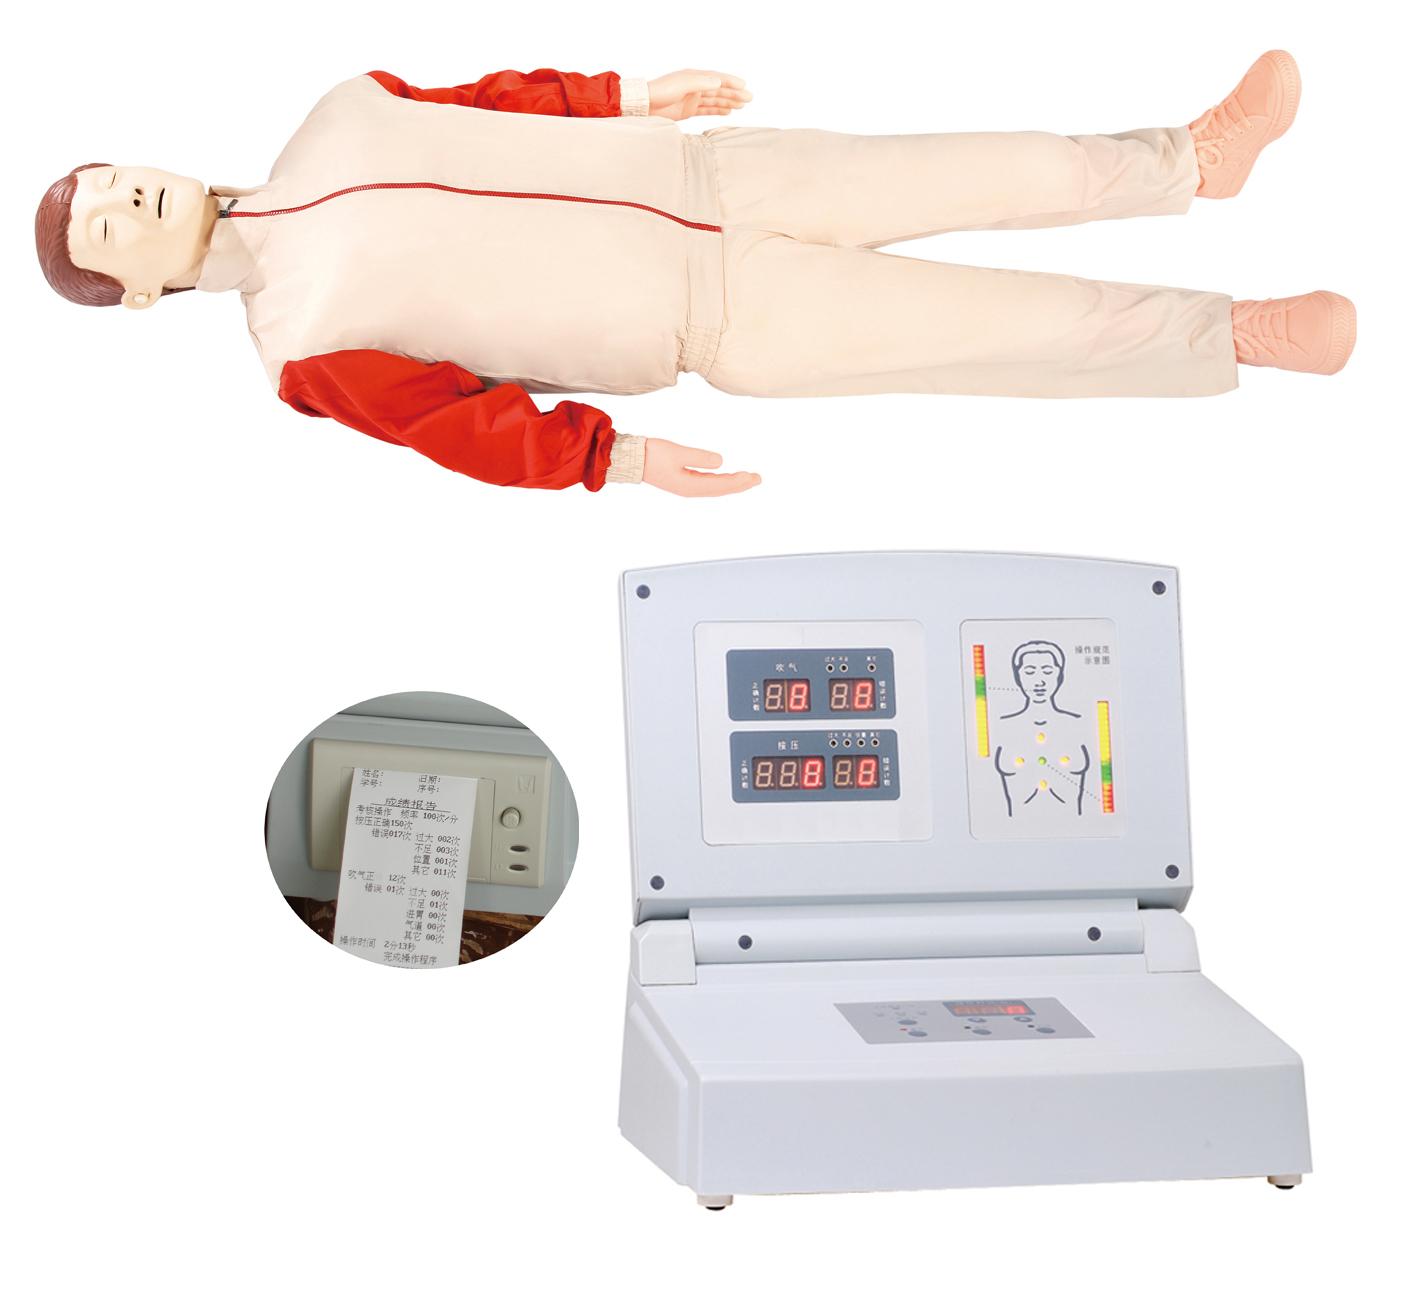 心肺复苏模拟人